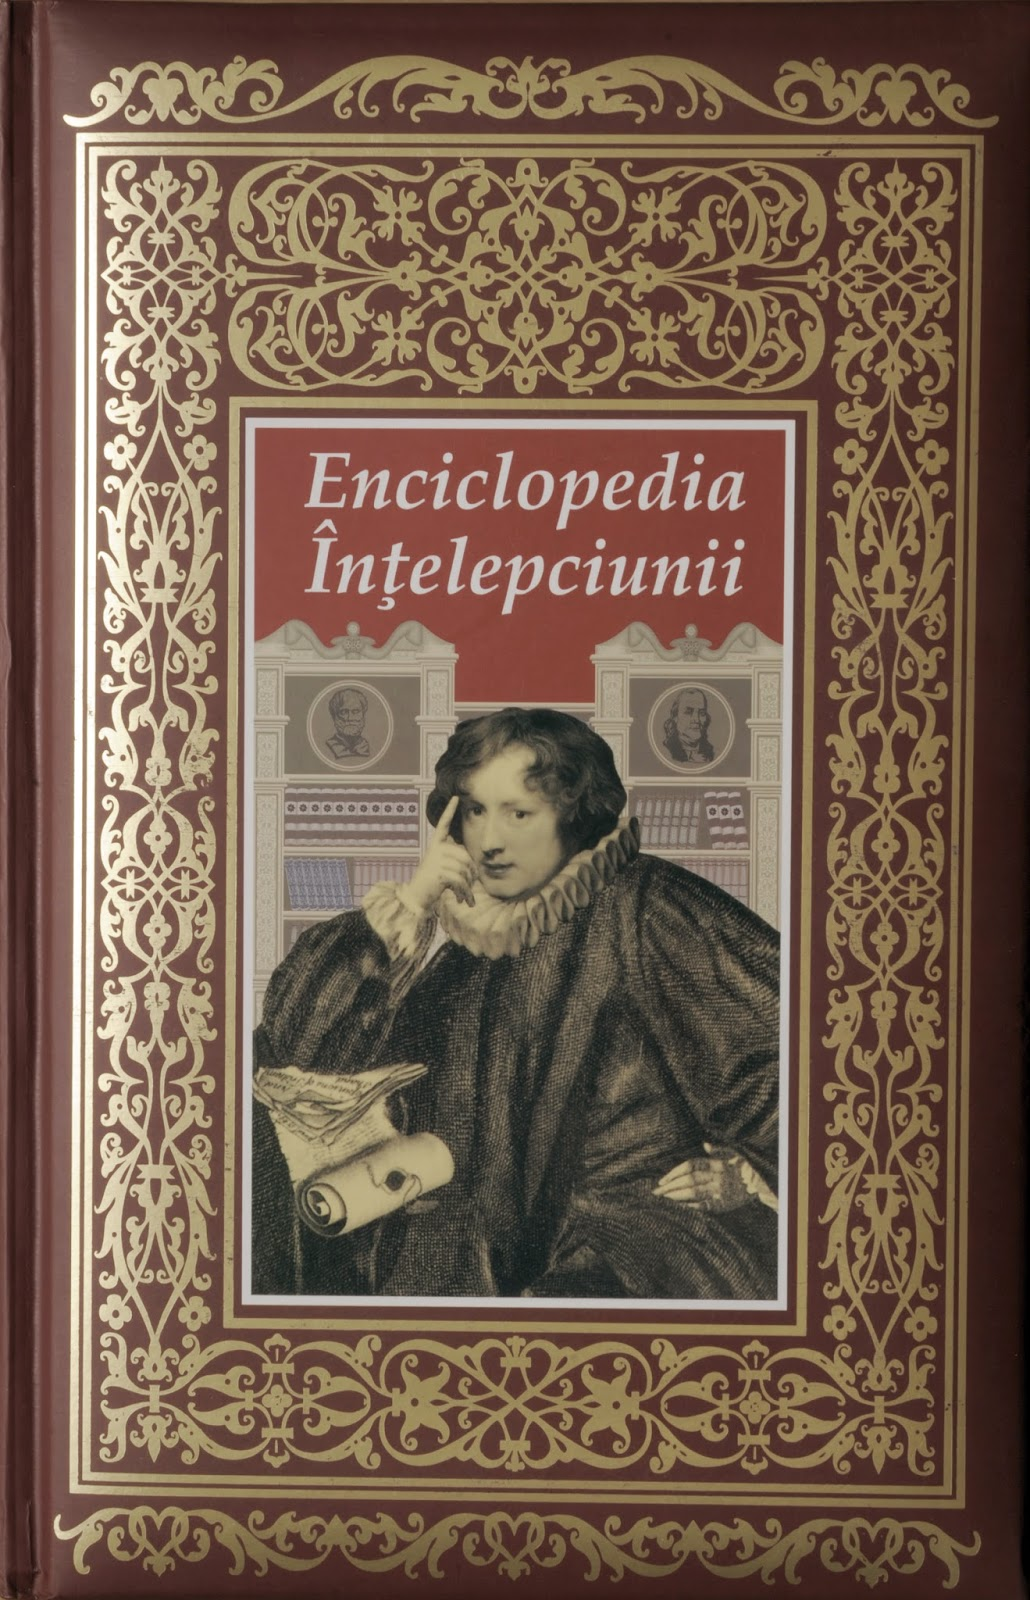 encilopedie,intelepciune,carte educativa,carti cultura generala